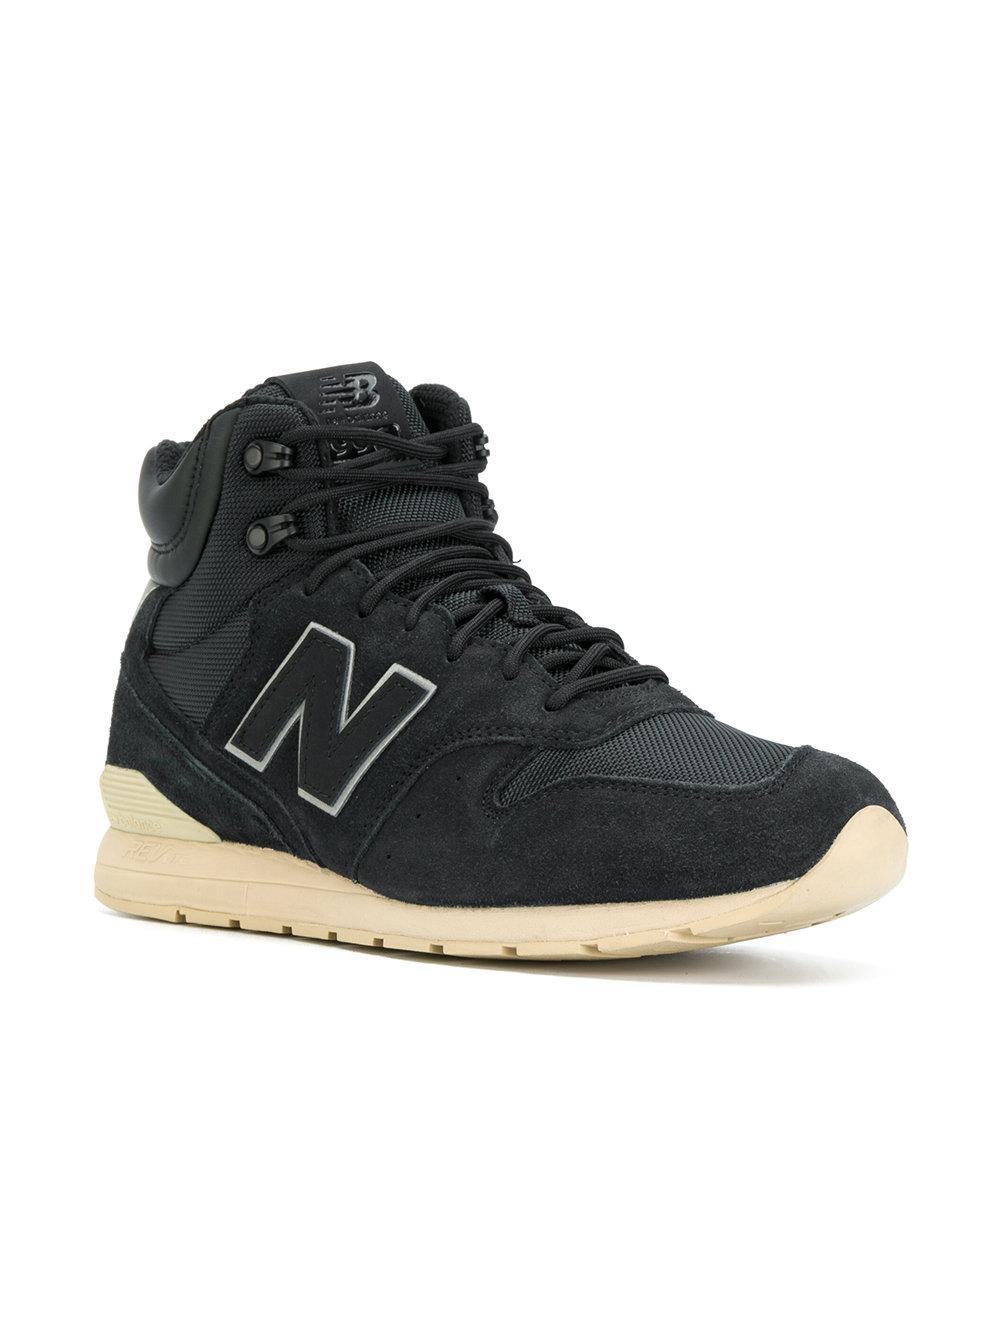 High Top Nike Shoes Men Uk